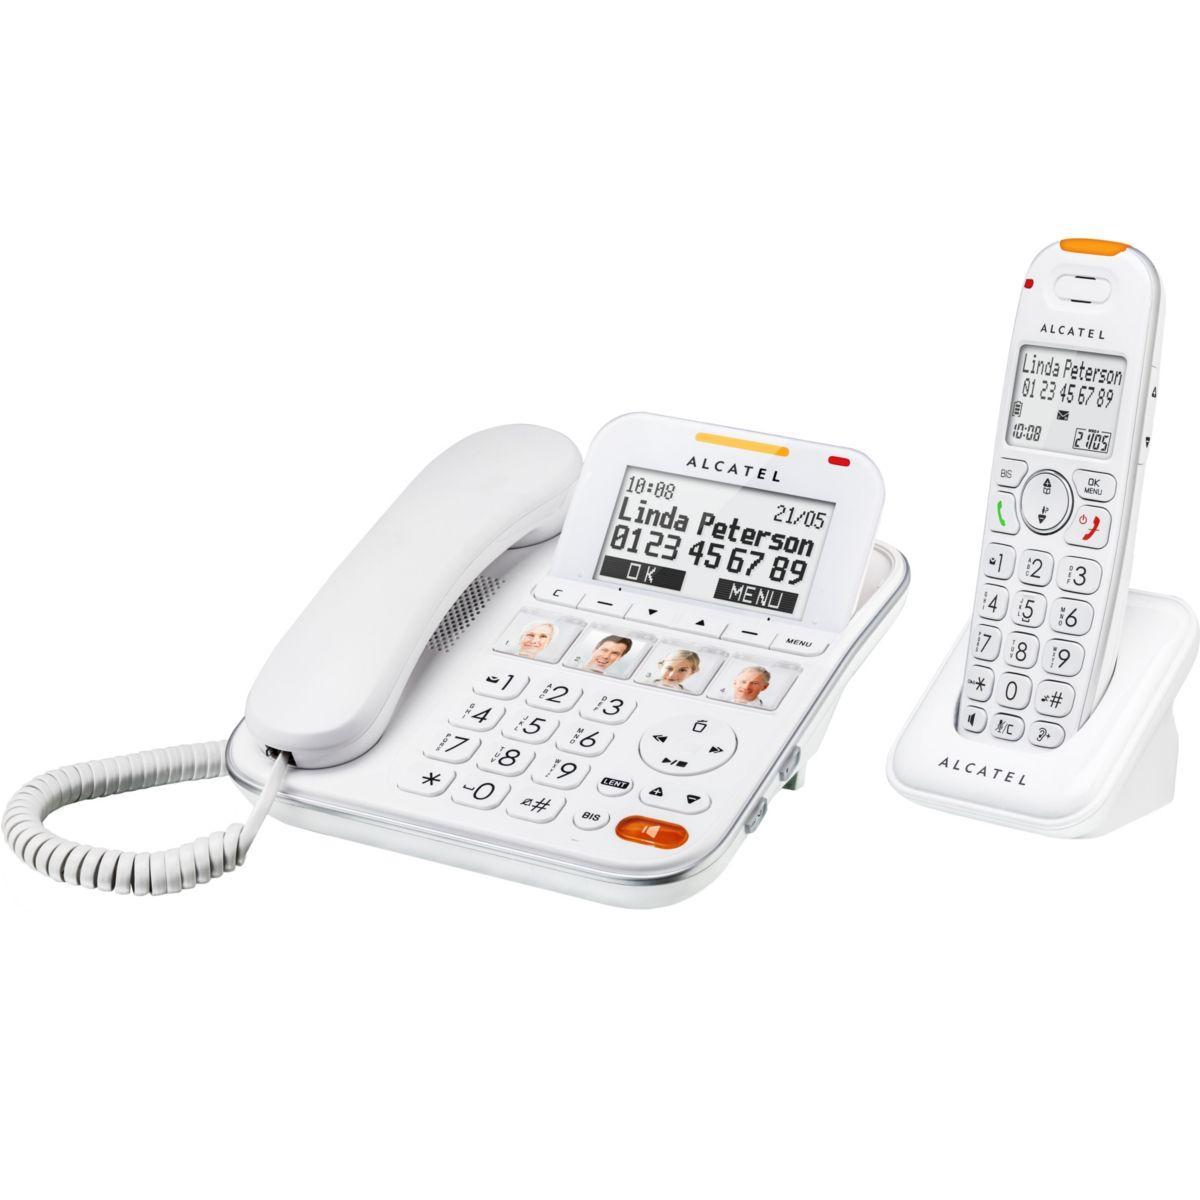 T�l�phone filaire alcatel xl 650 combo voice - 2% de remise imm�diate avec le code : automne2 (photo)